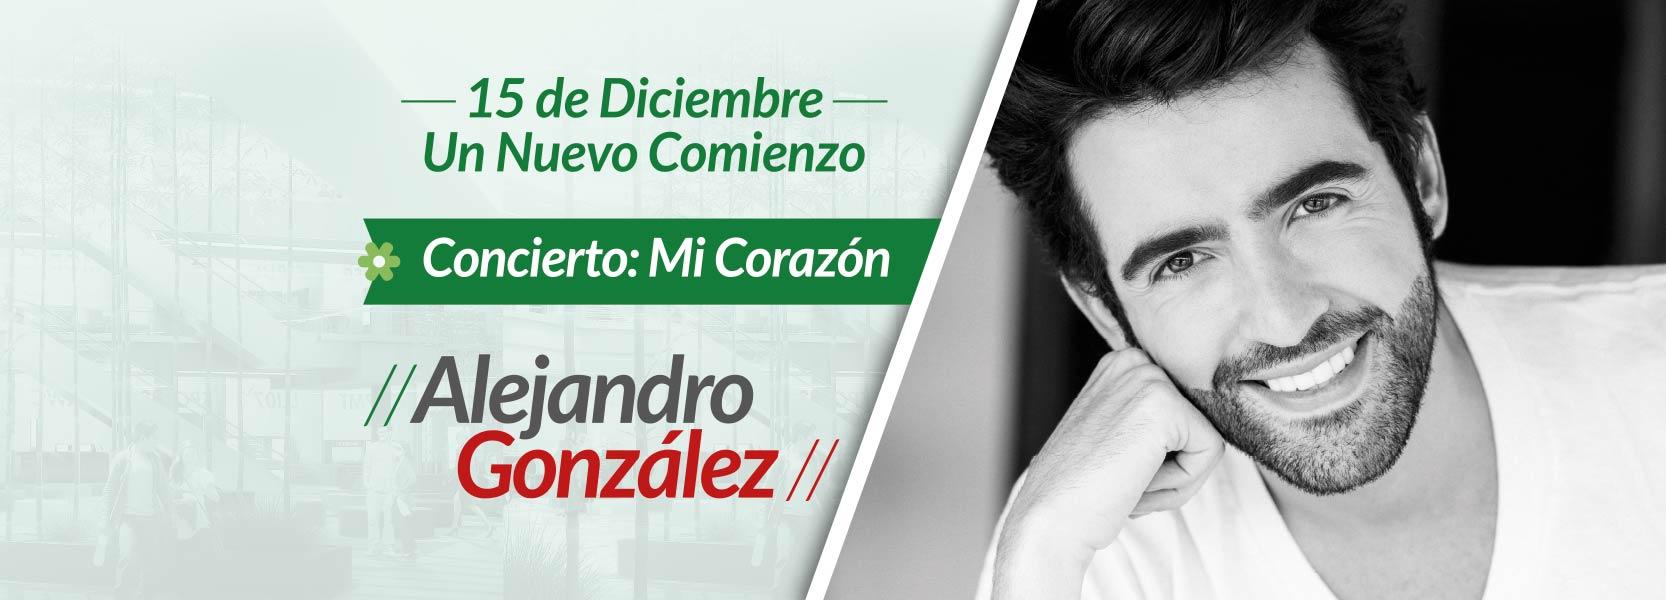 V-Alejandro-Gonzalez